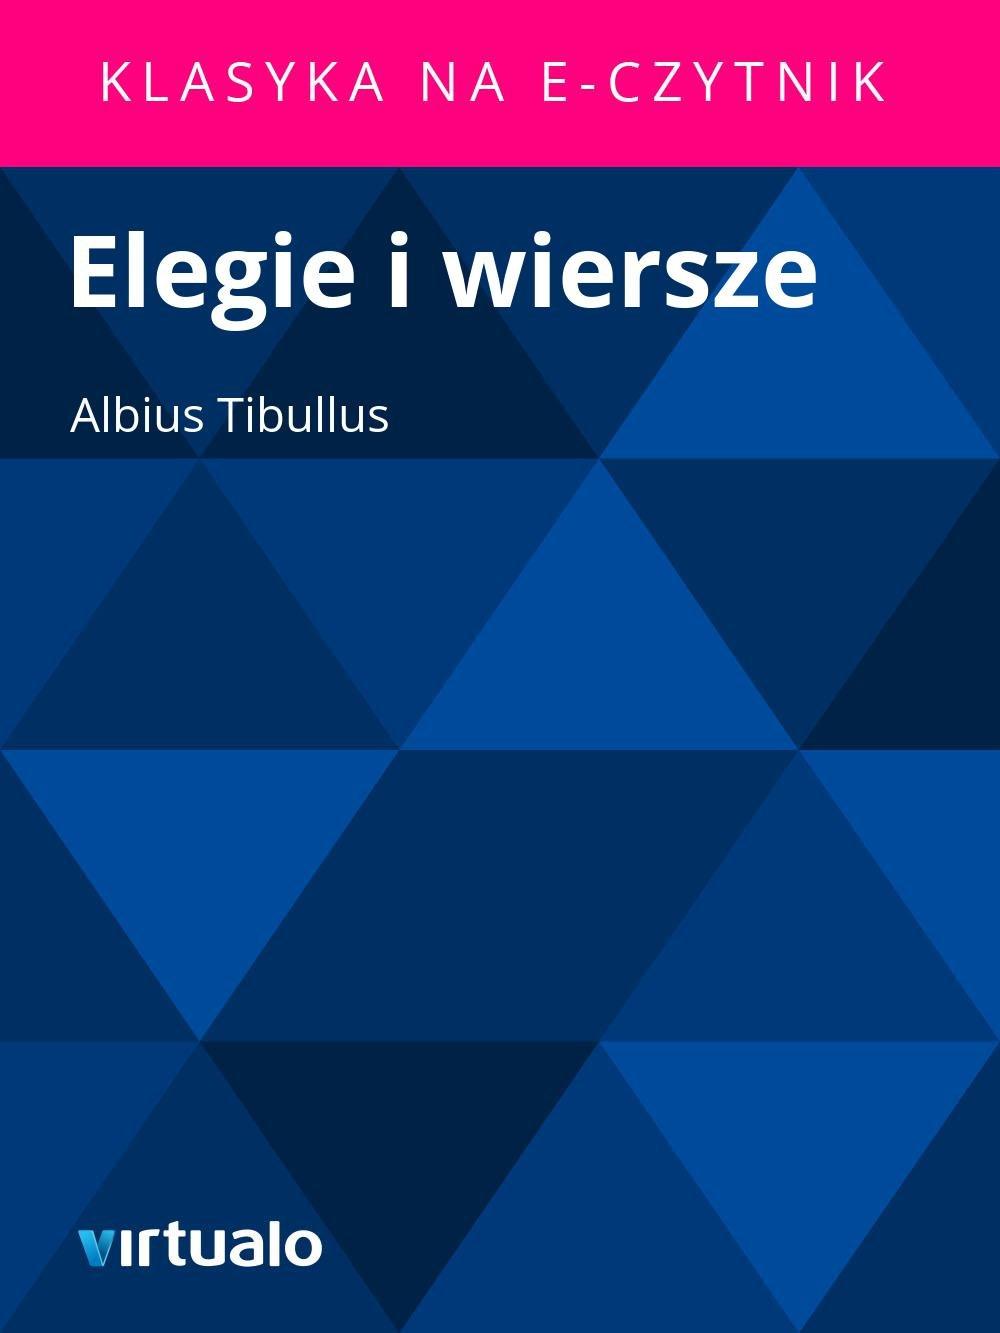 Elegie i wiersze - Ebook (Książka EPUB) do pobrania w formacie EPUB